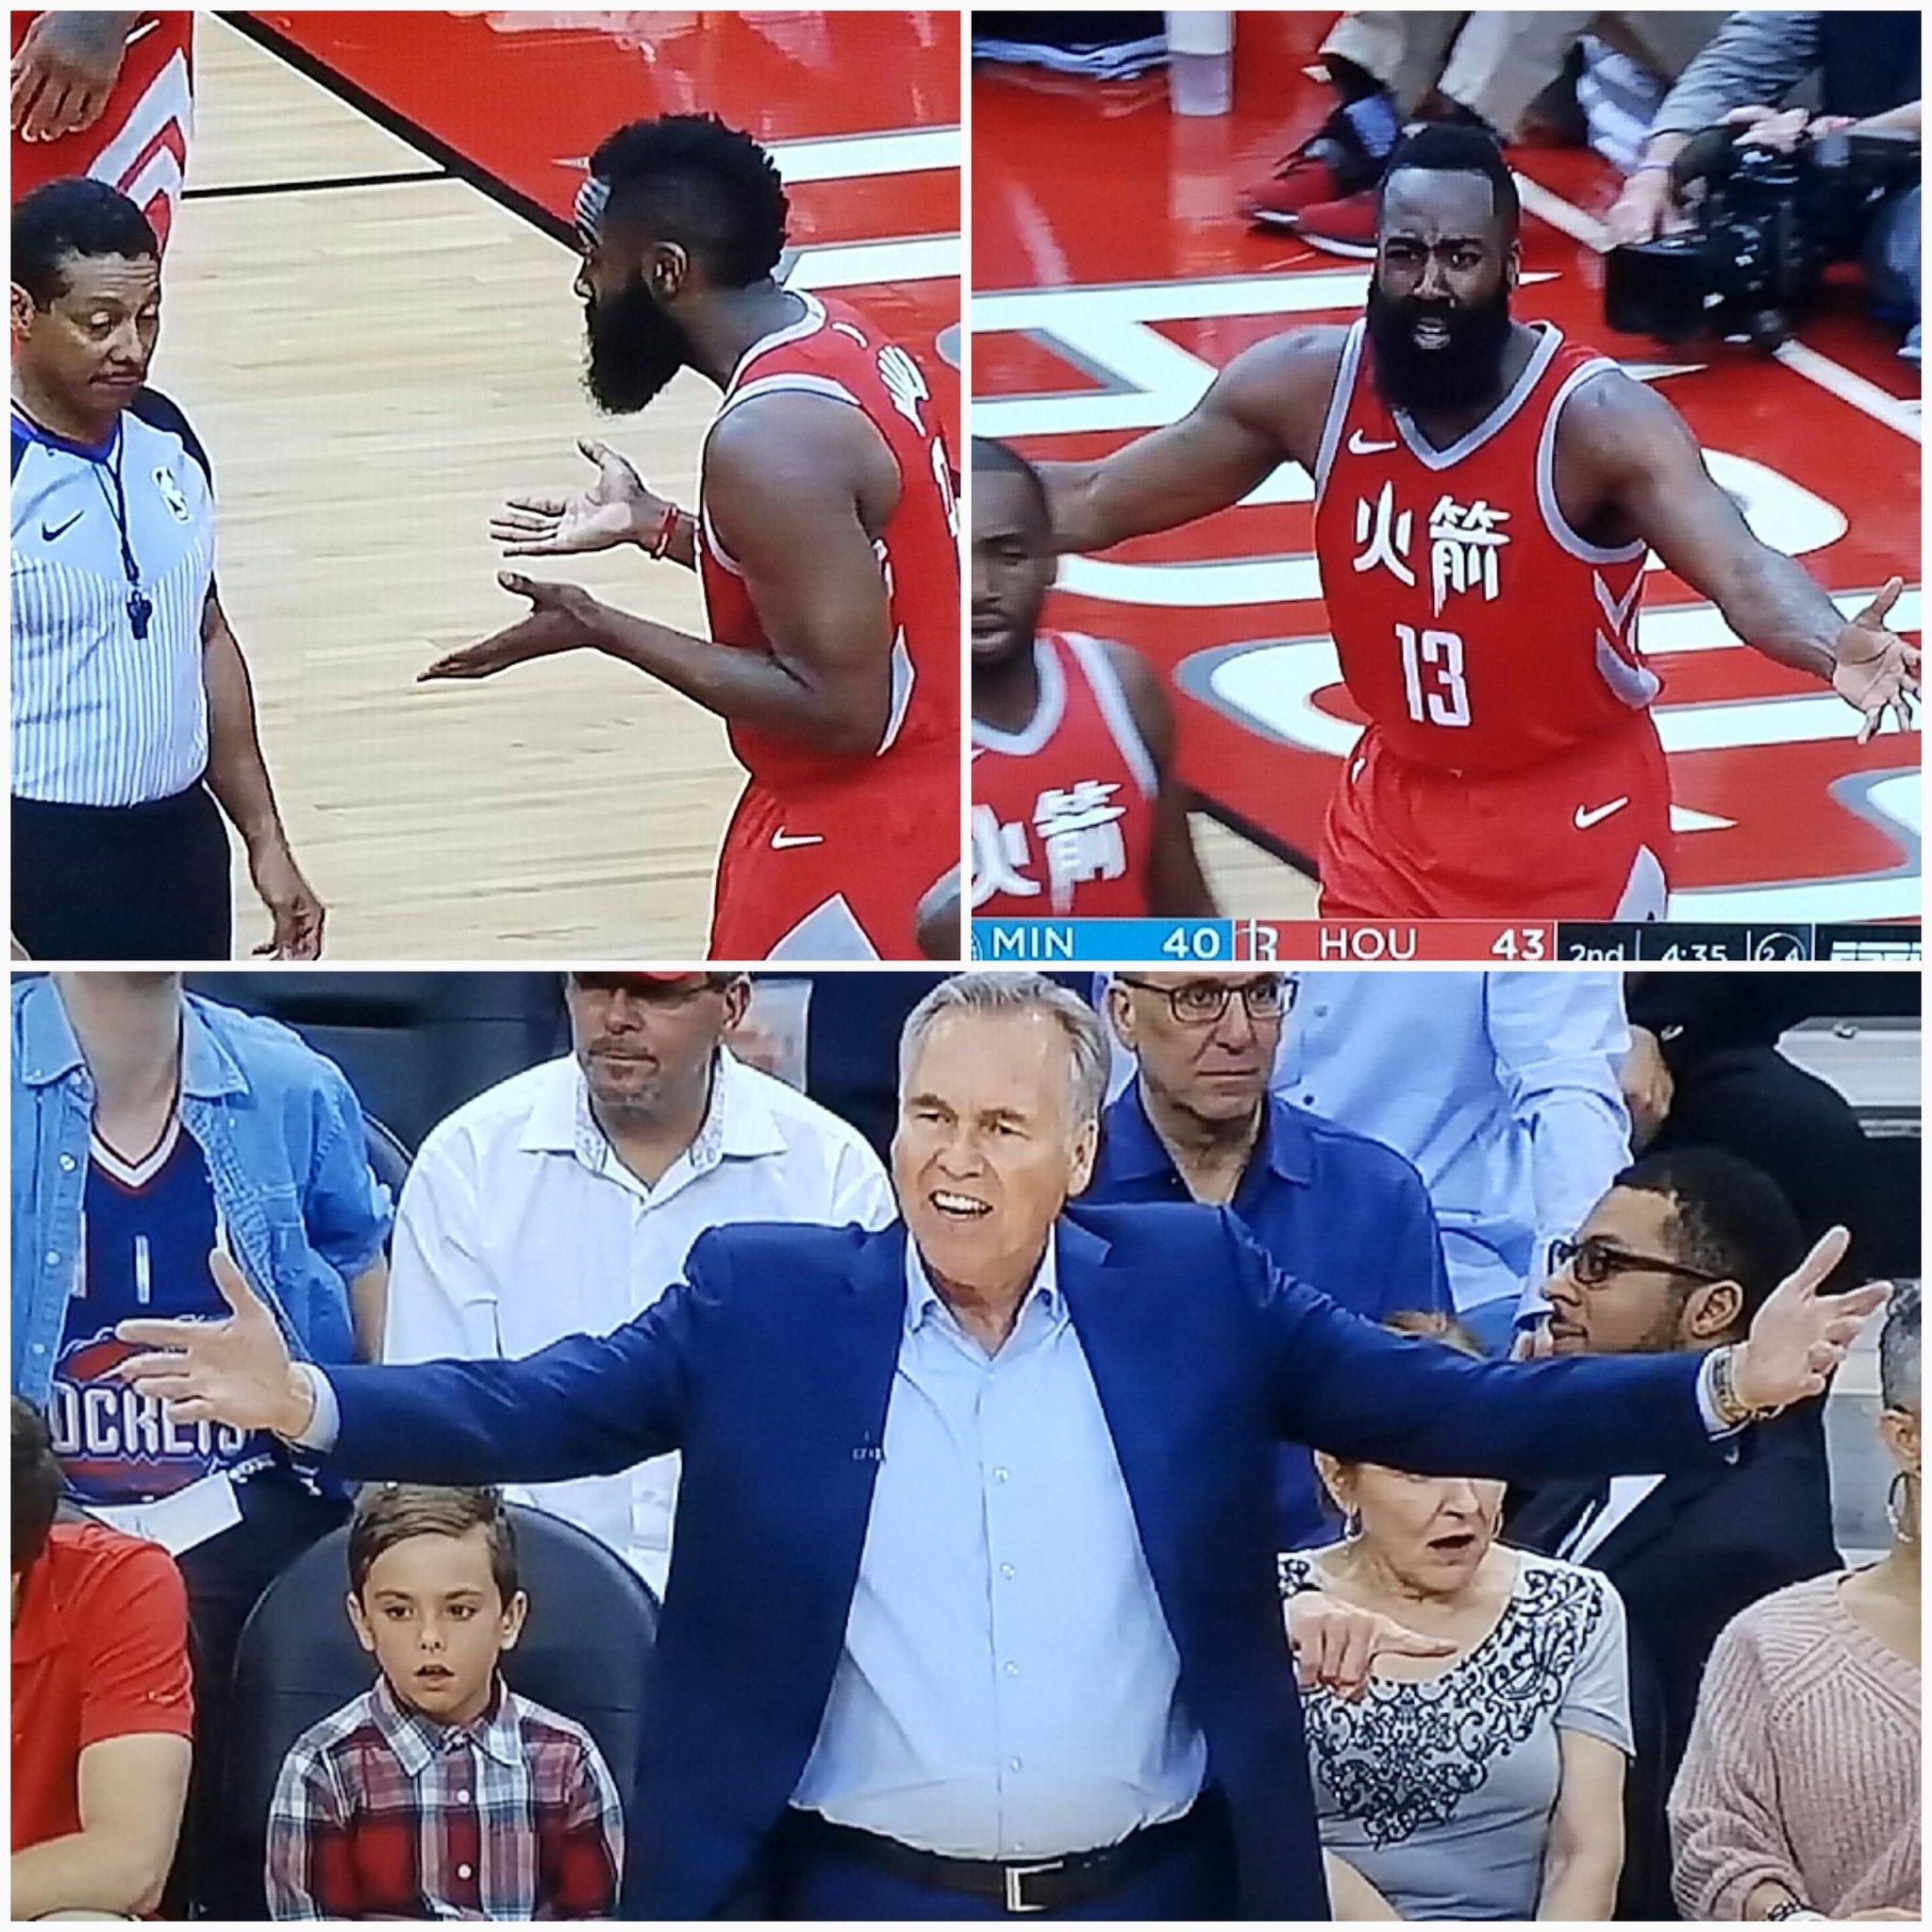 @ddrich84 @NBA @ESPNNBA https://t.co/KfTAttJqil